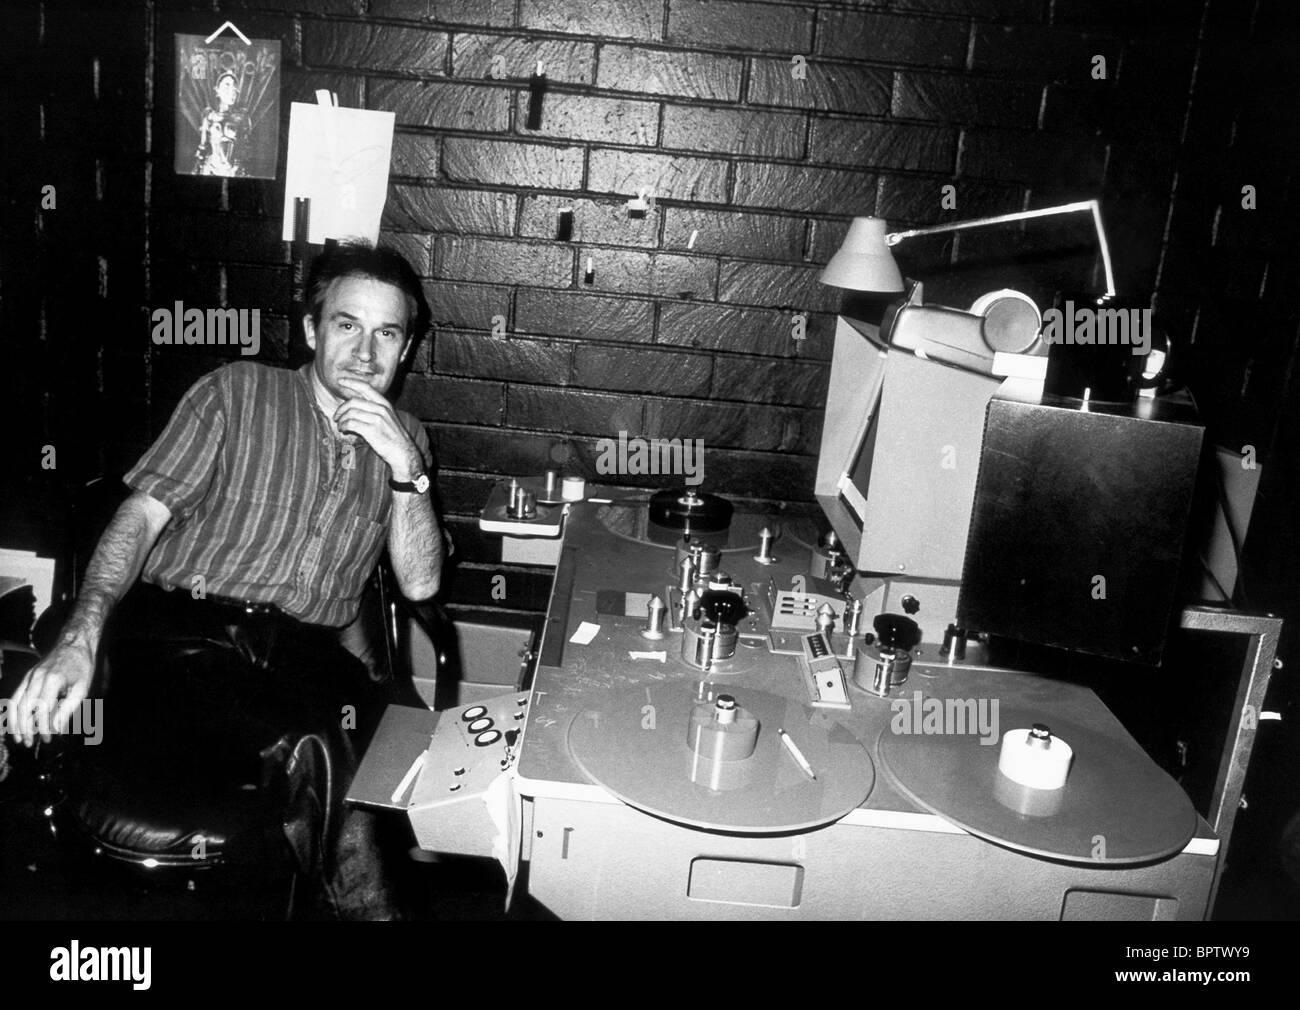 GIORGIO MORODER MUSIC COMPOSER (1984) Stock Photo